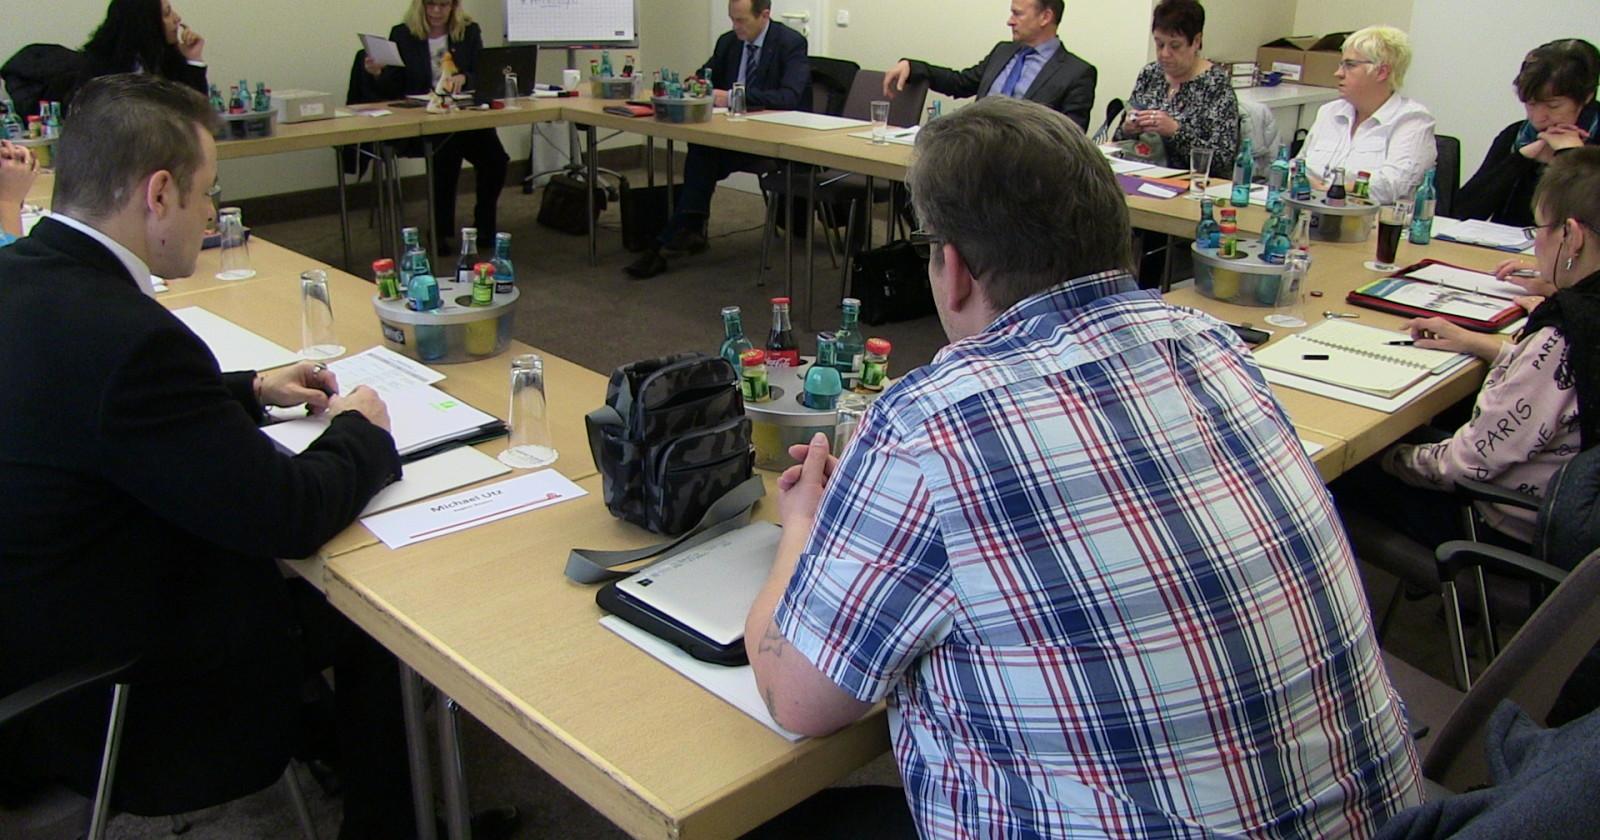 Heute geht´s ums Ganze – 6. Verhandlungsrunde im Gebäudereiniger-Handwerk startet heute in Frankfurt a.M.